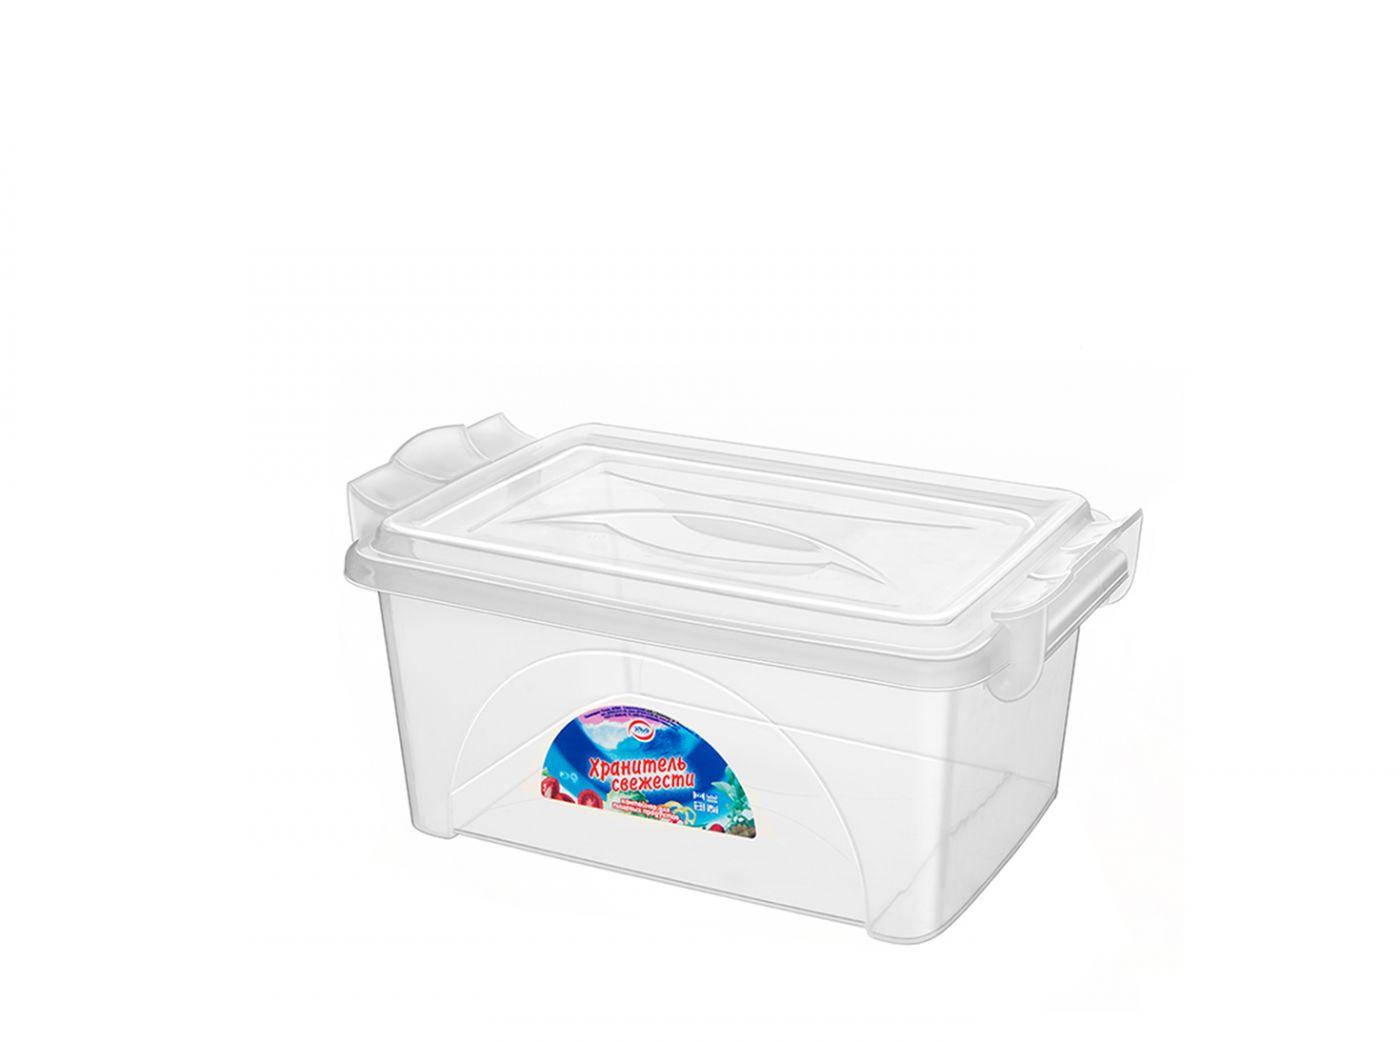 Контейнер для хранения Эльфпласт Хранитель свежести 4,5 литра прозрачный с крышкой 29,5х19х12 см